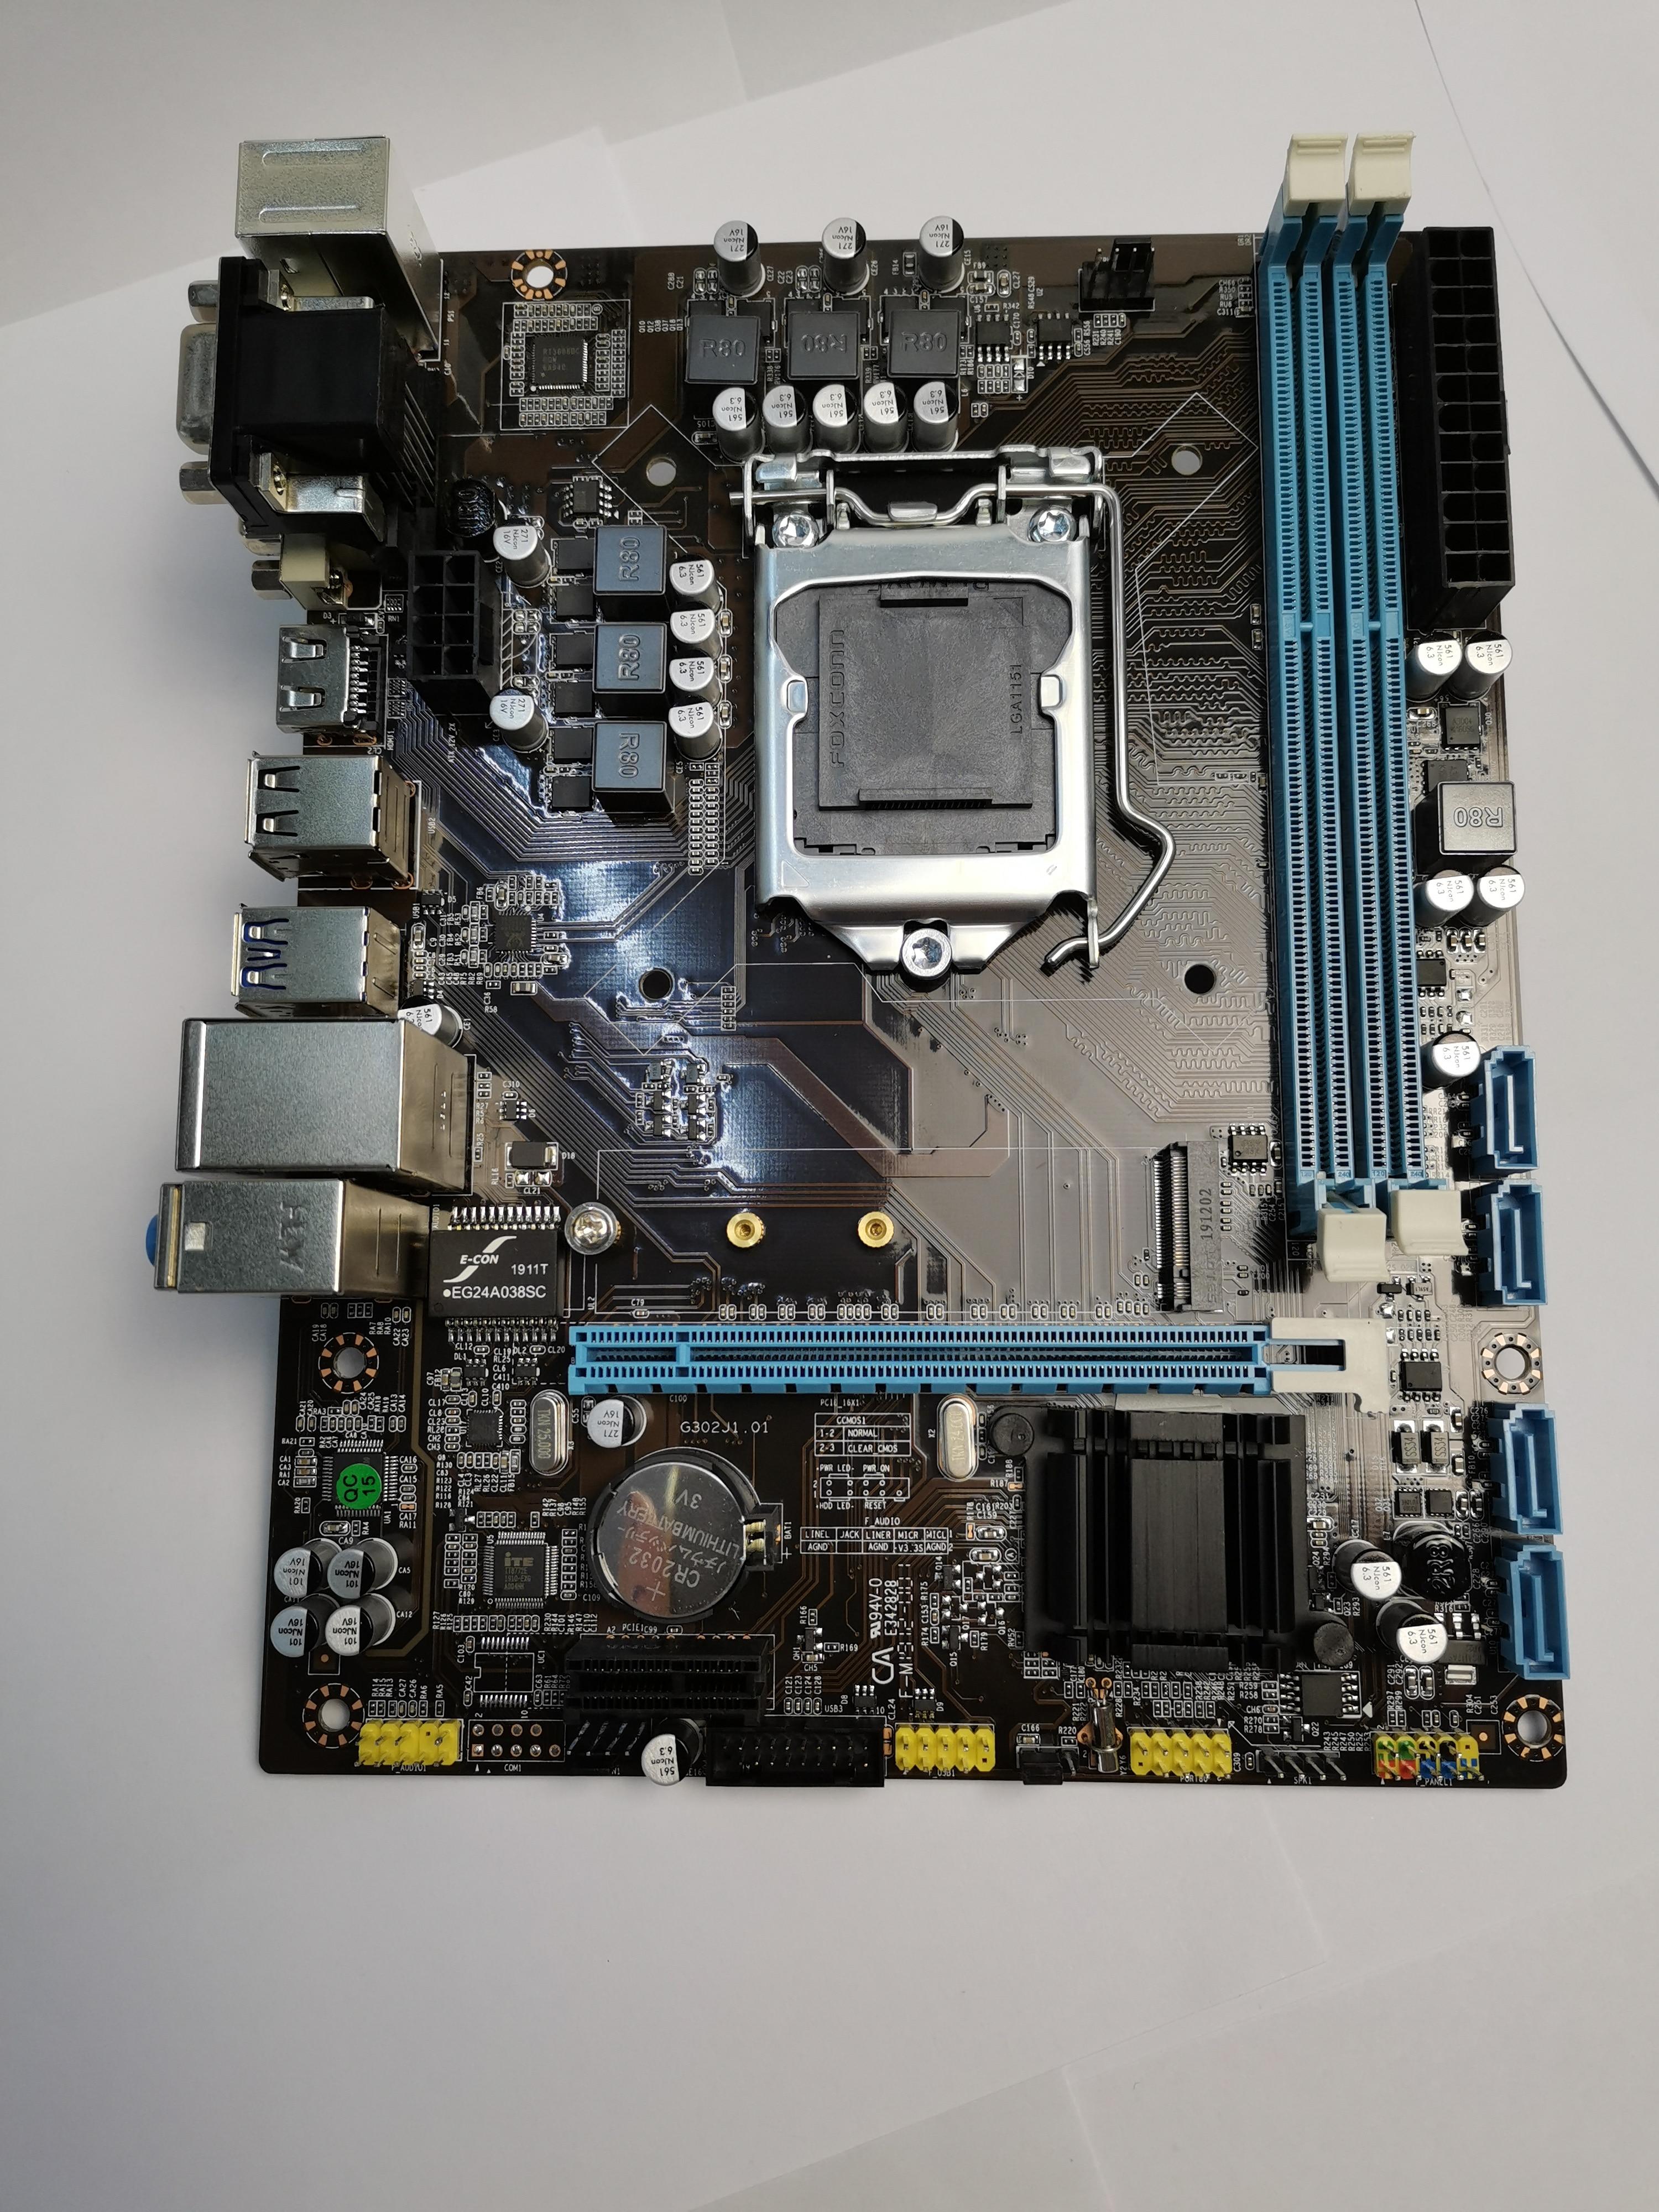 Intel H110 placa base LGA 1151 DDR3 16GB para Intel H110 placa base de escritorio SATA II 6/7/8rd (SKYlake) Intel 14nm CPUs